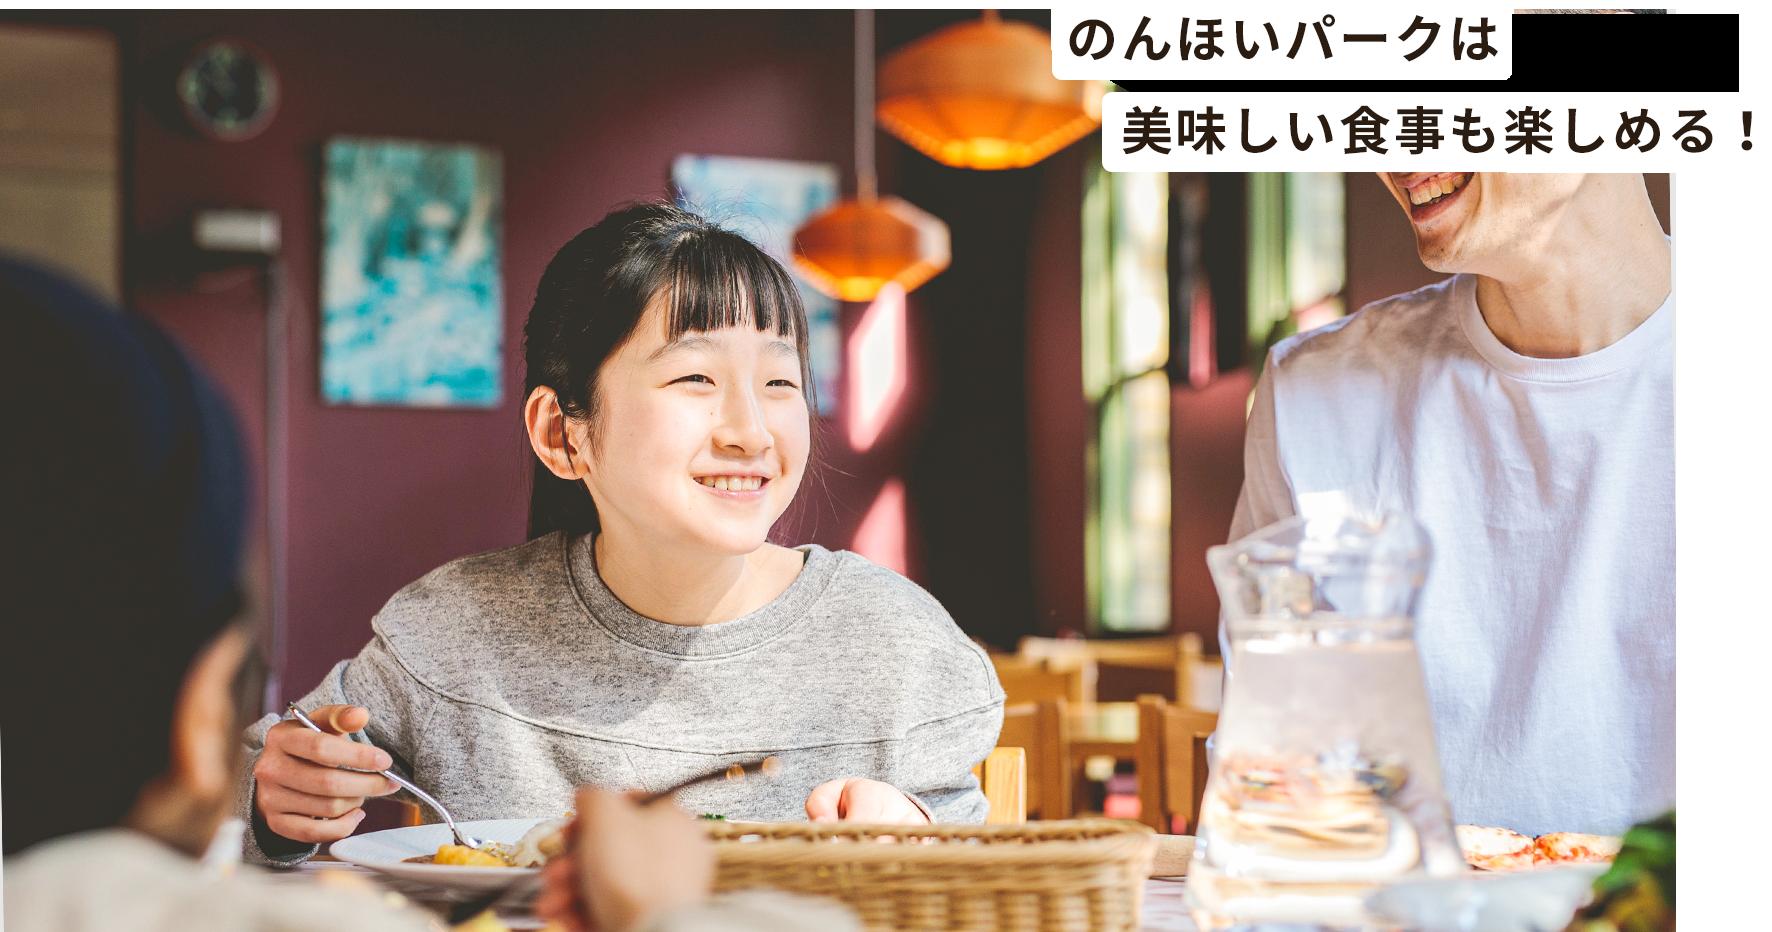 のんほいパークは美味しい食事も楽しめる!